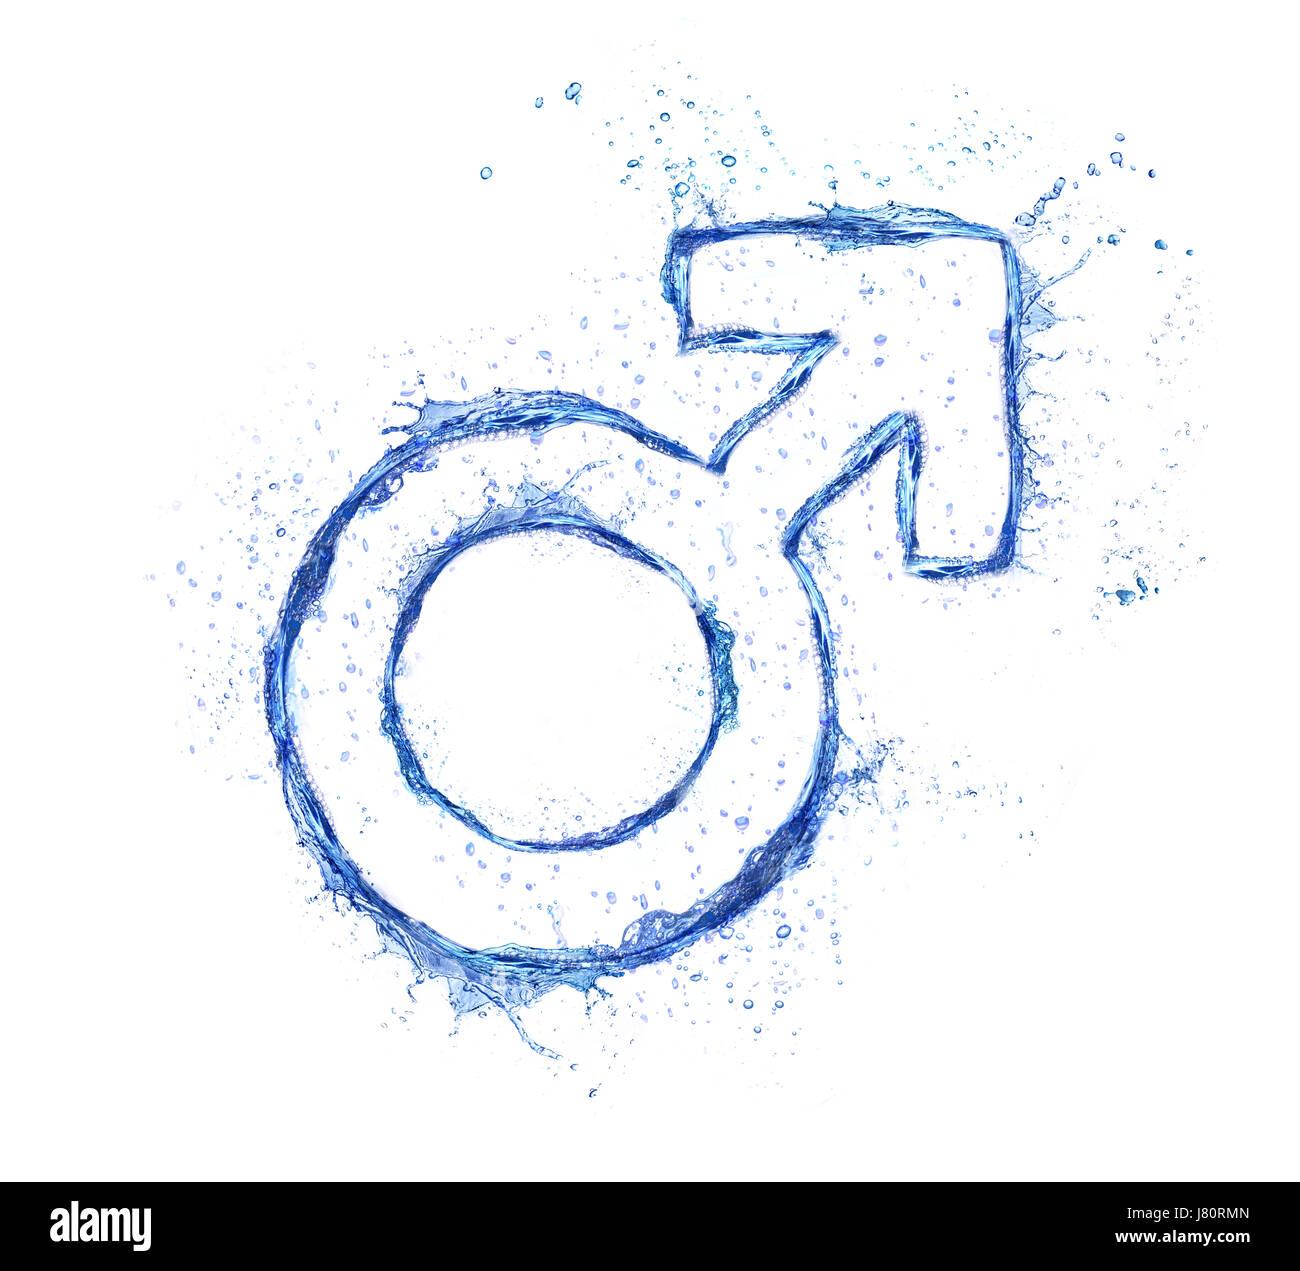 Blue Water Splash masculinos, signo aislado sobre fondo blanco. Foto de stock